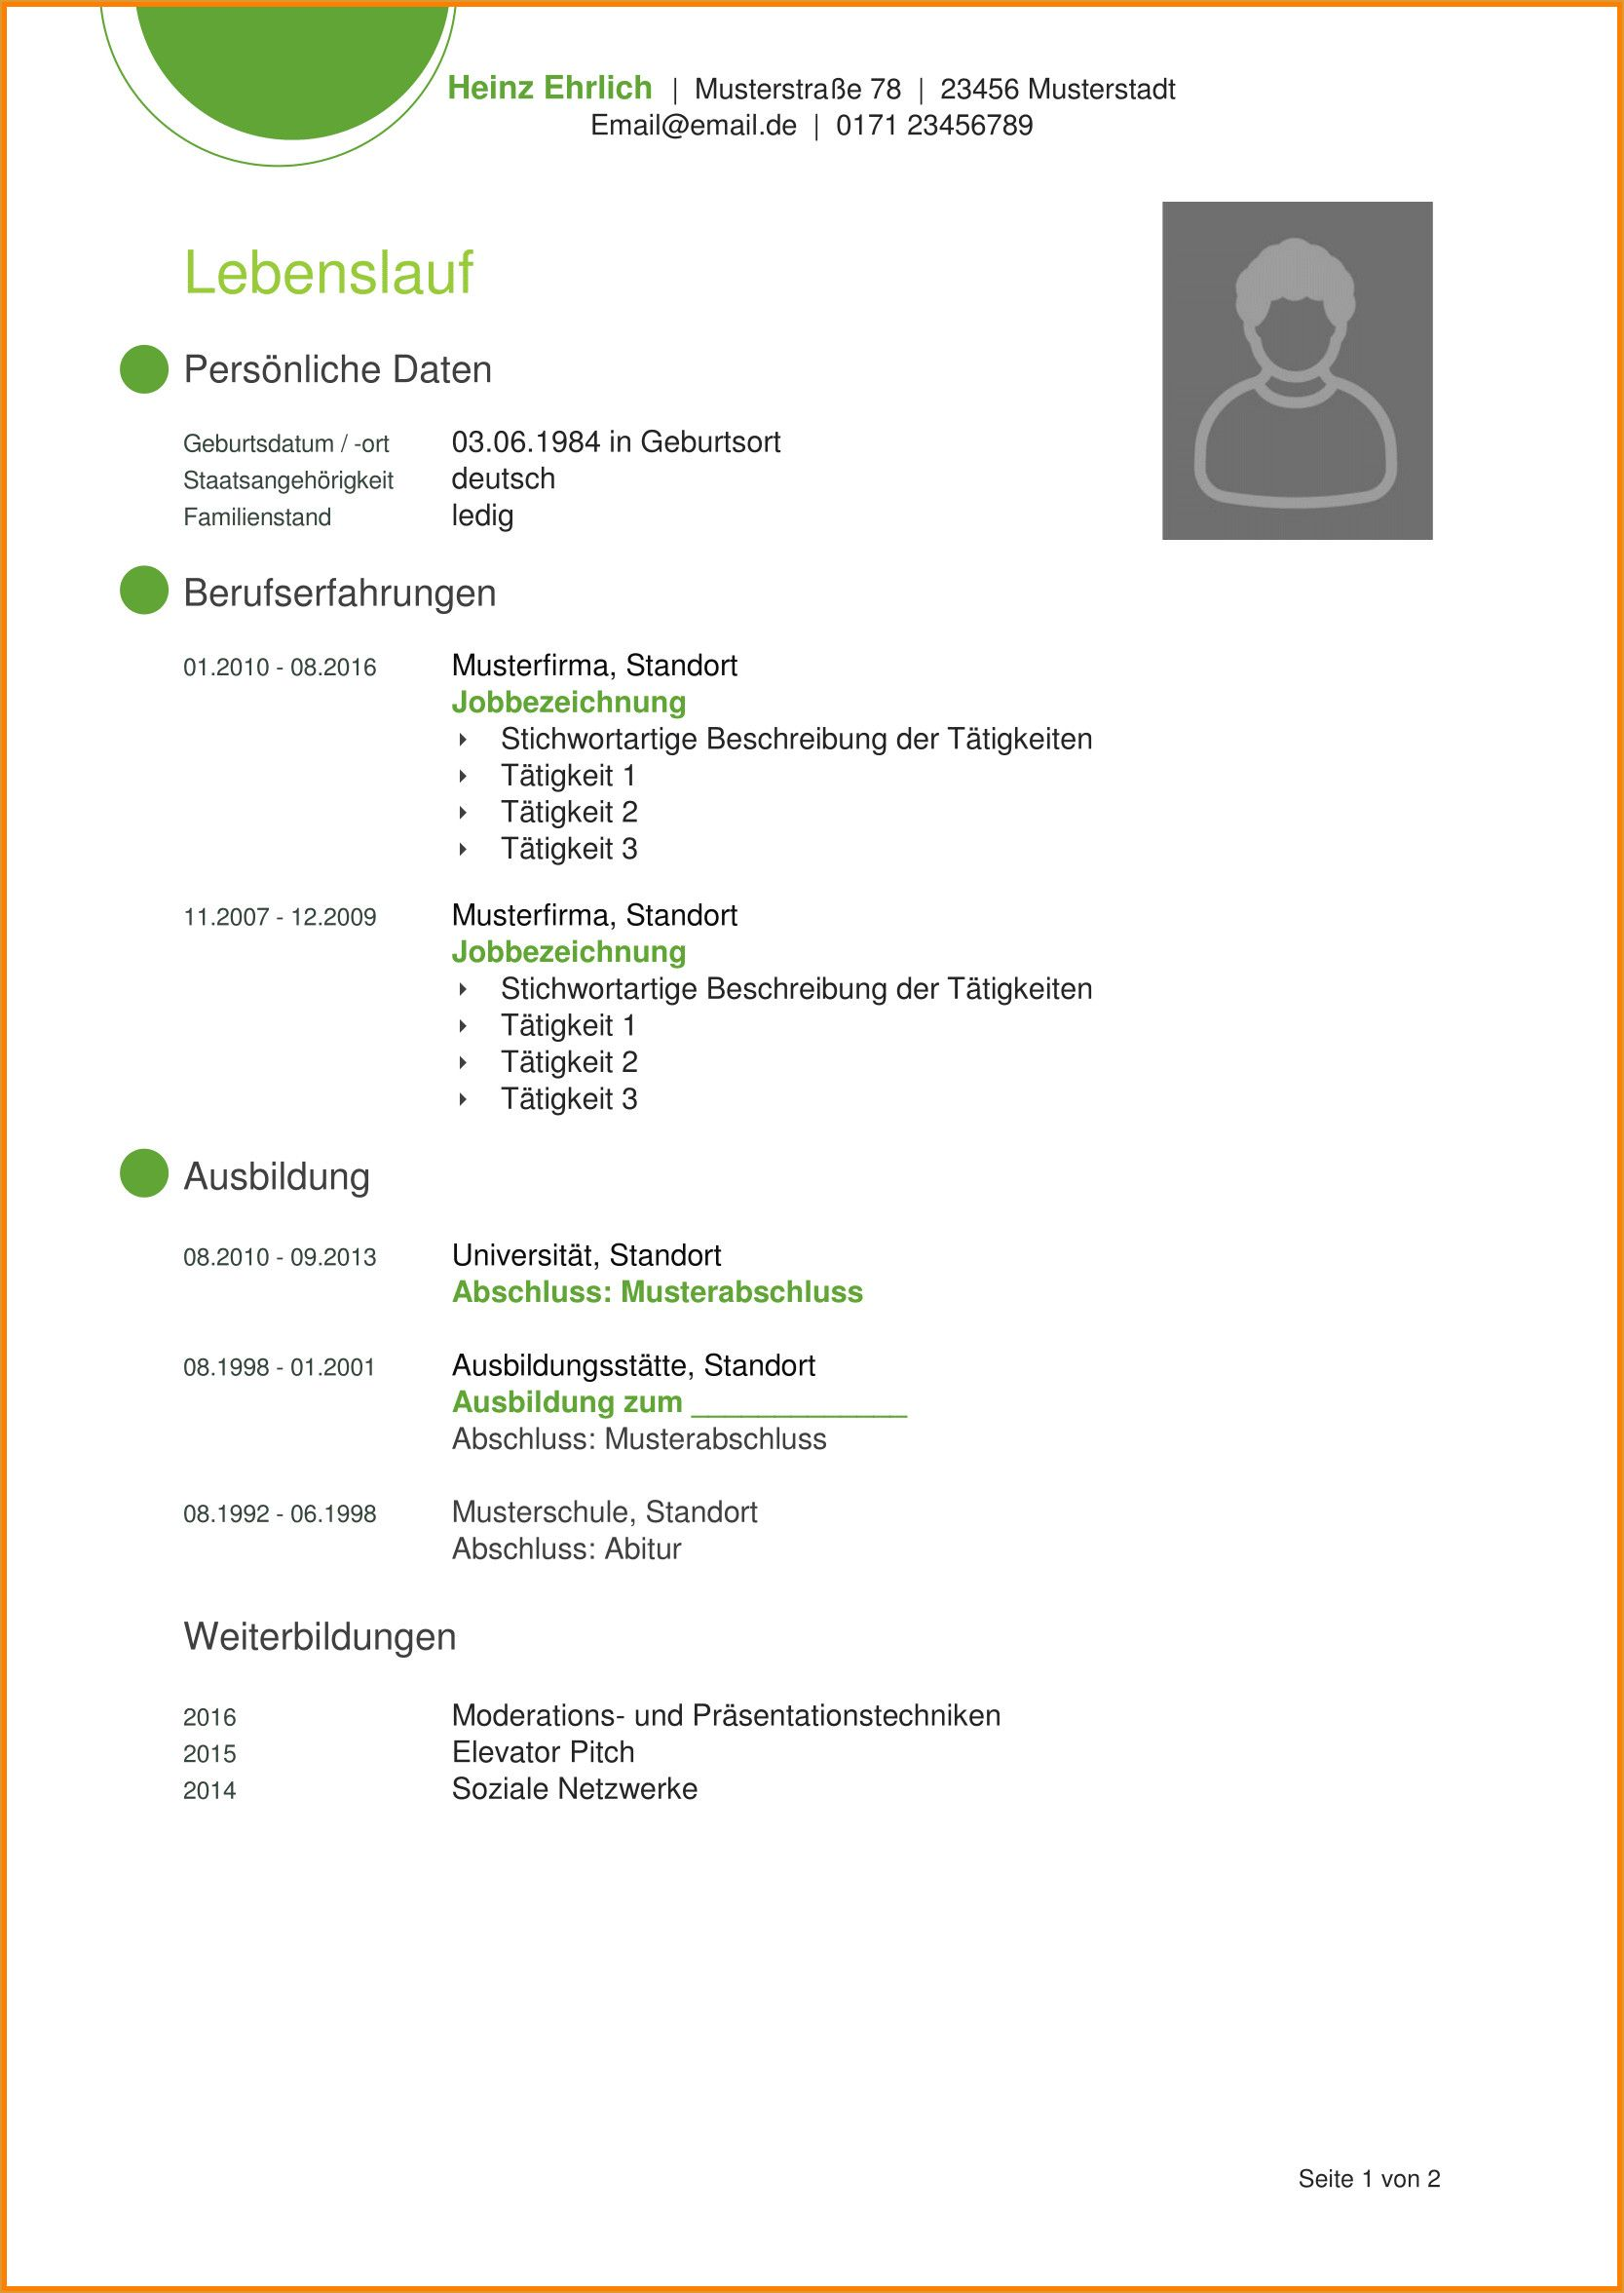 7 Lebenslauf Model Lebenslaufmodel